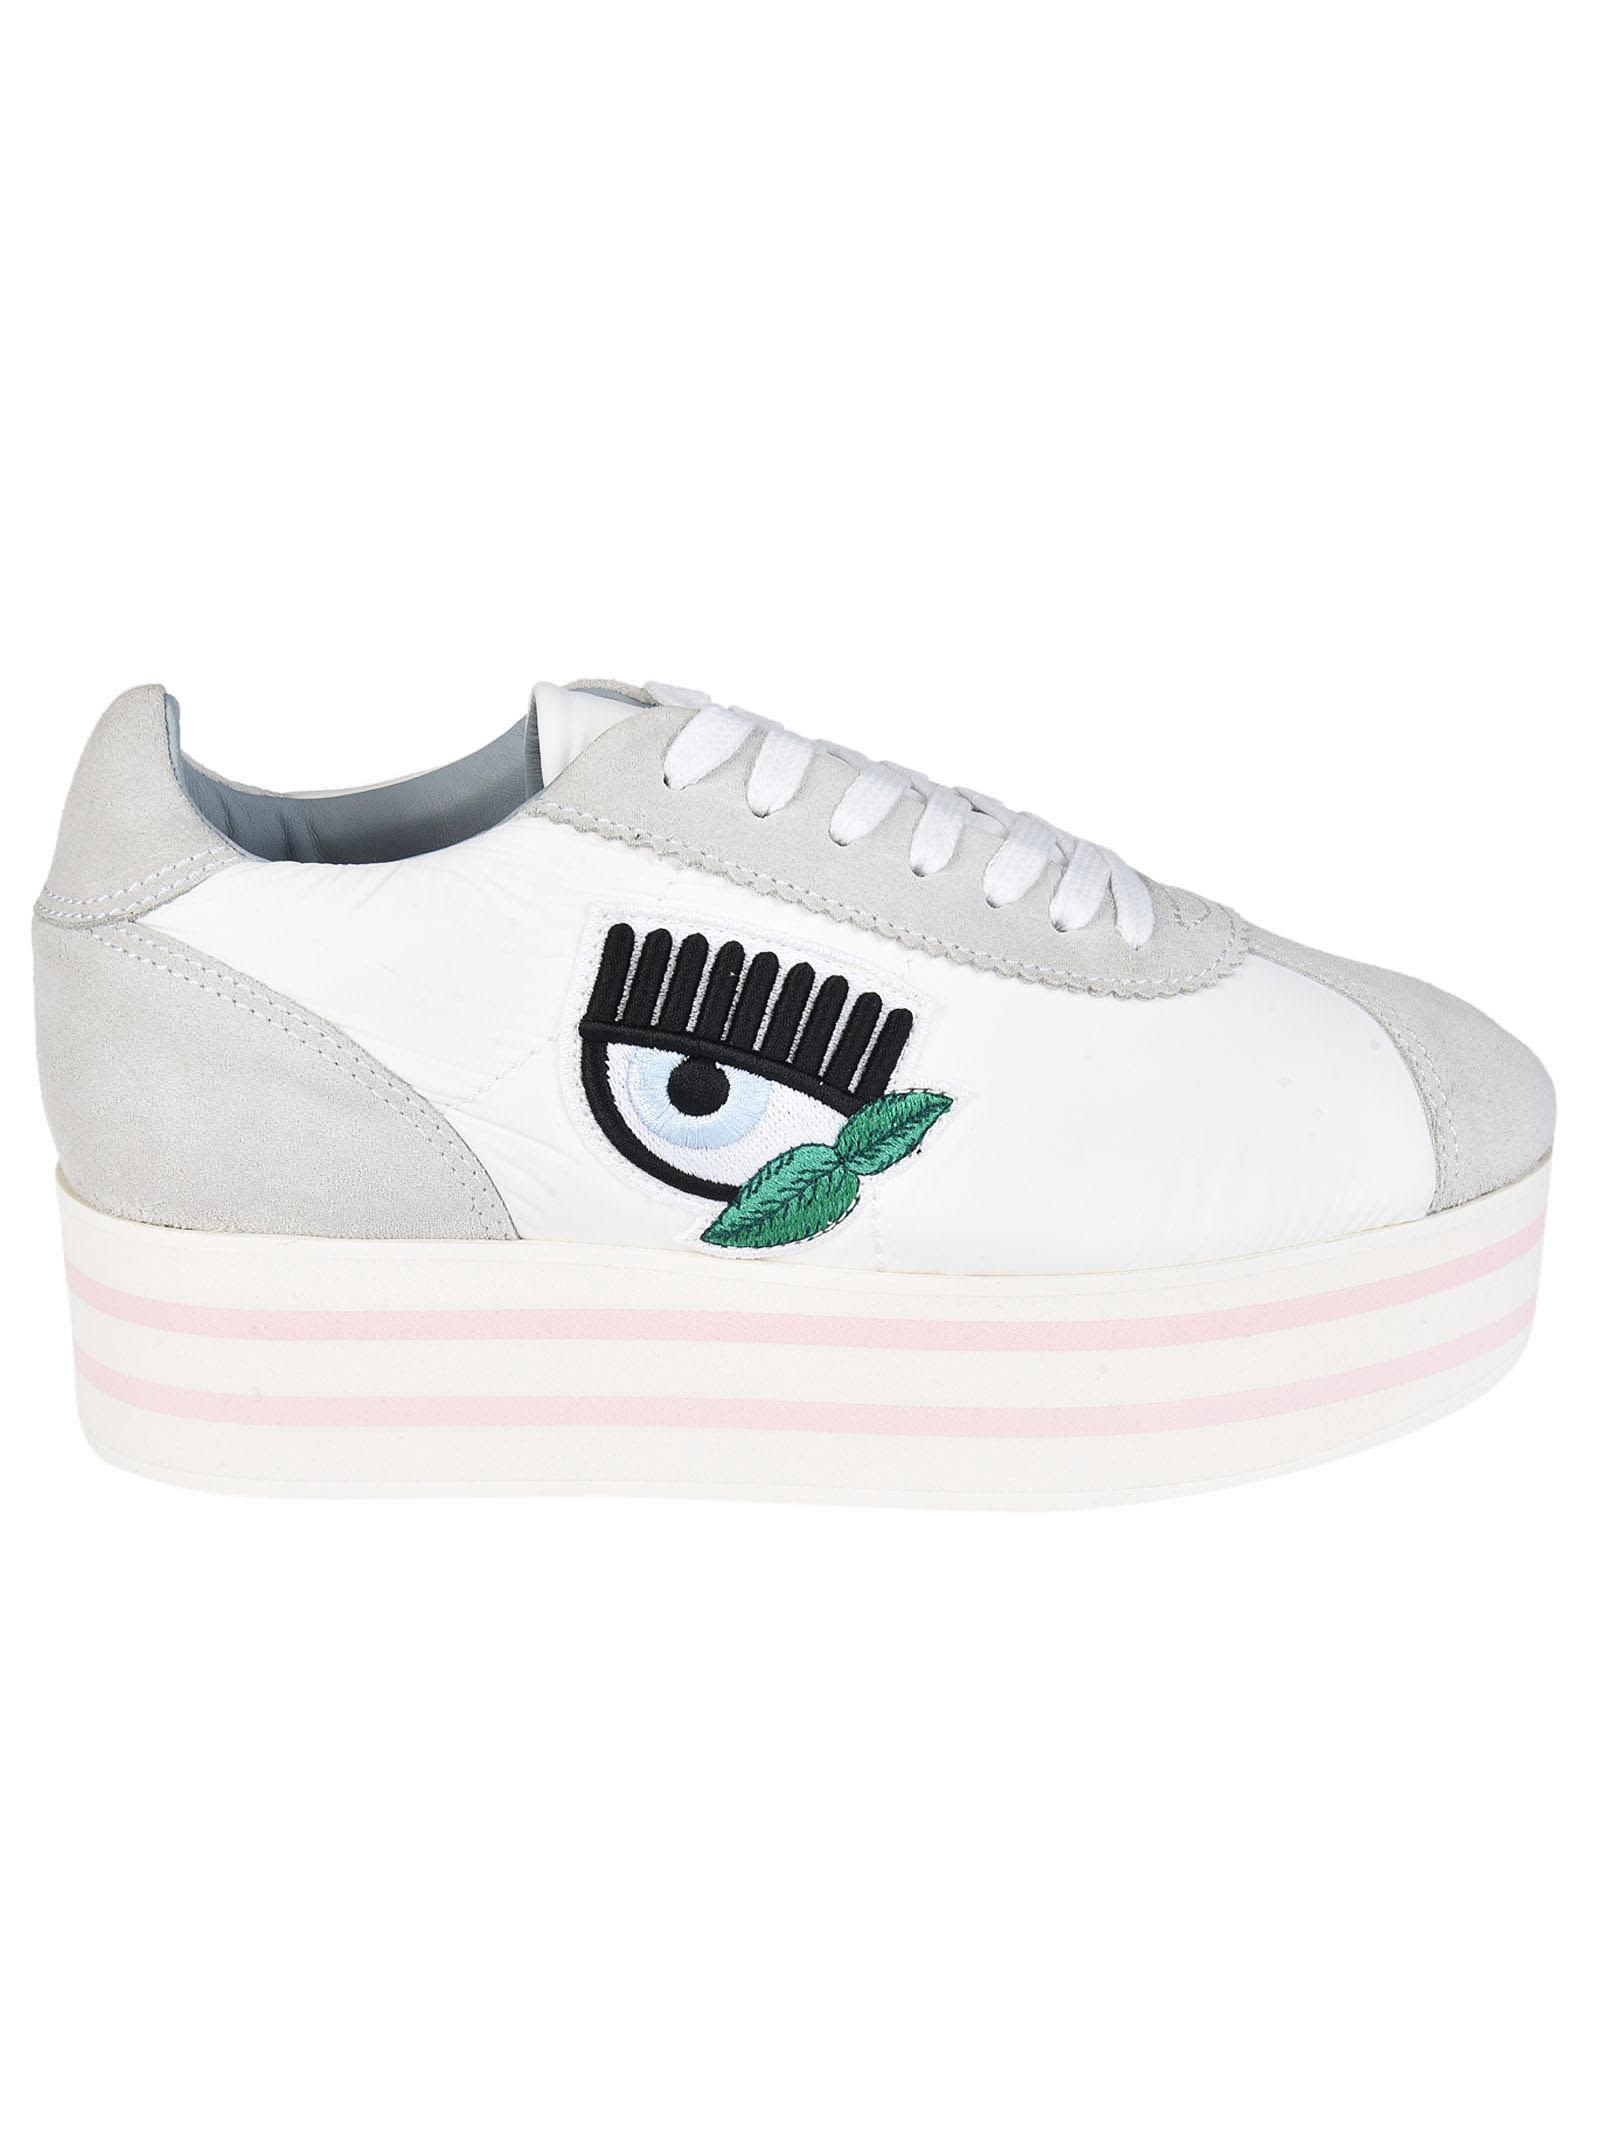 Chiara Ferragni Logomania Platform Sneakers